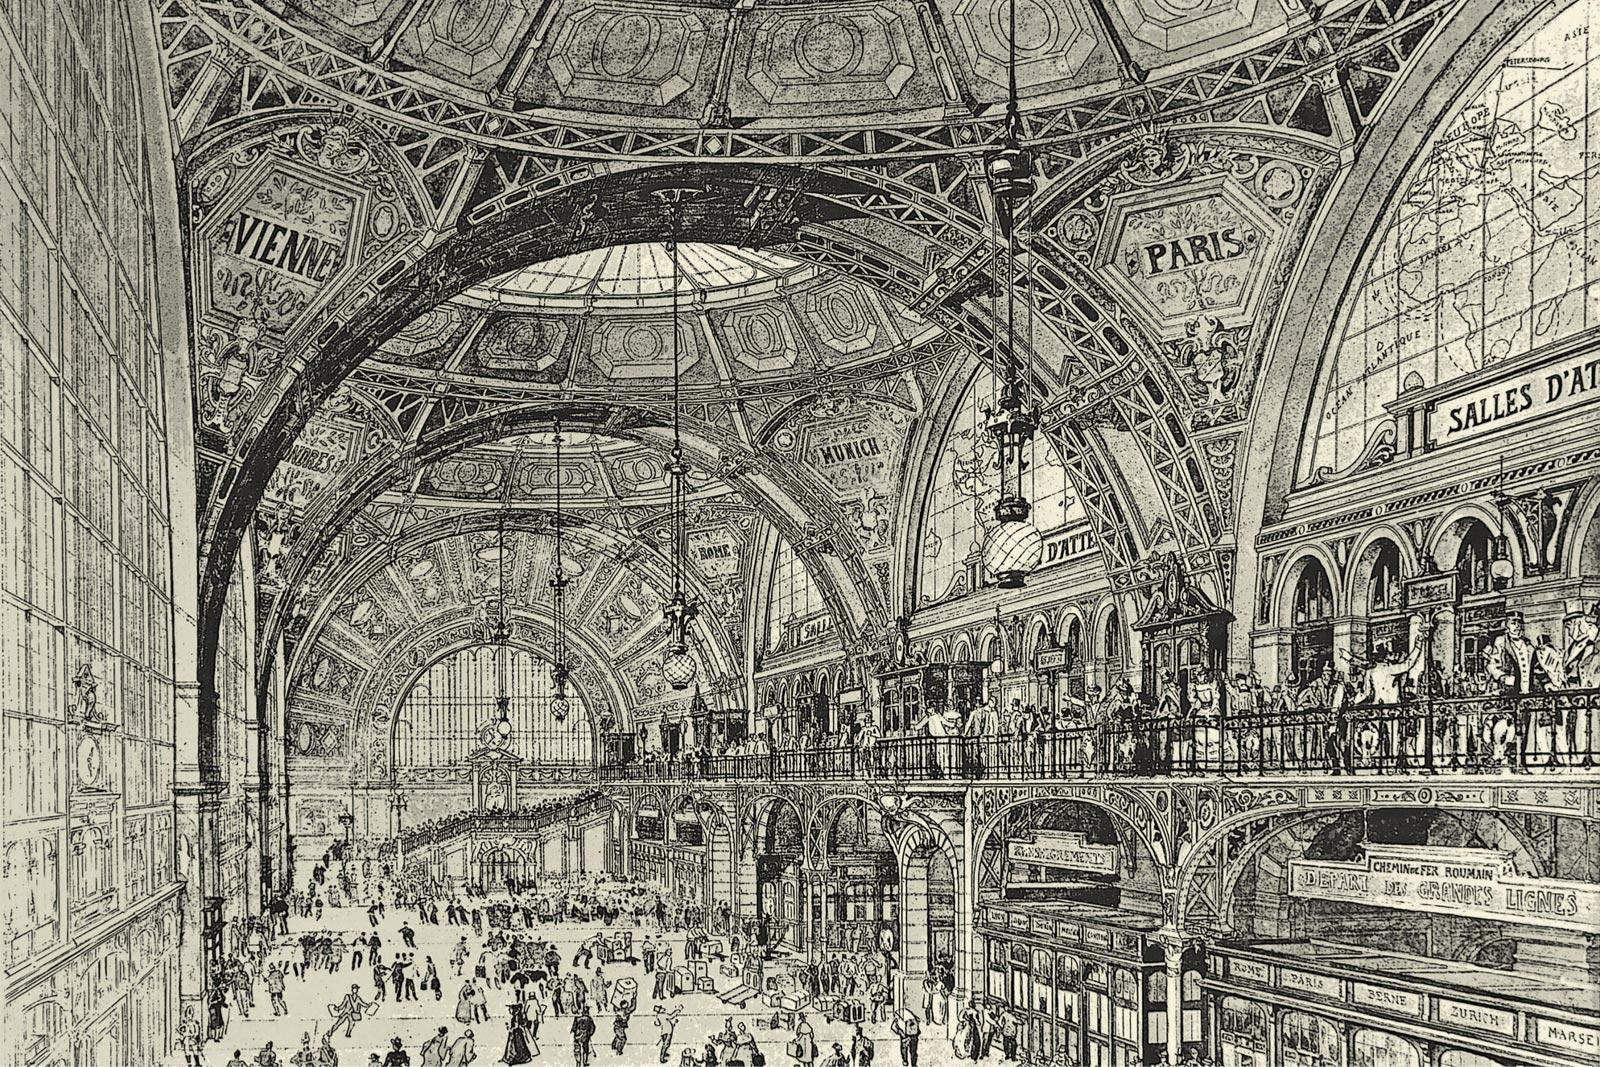 Никогда непостроенный Центральный вокзал Бухареста, проект Александра Марселя.